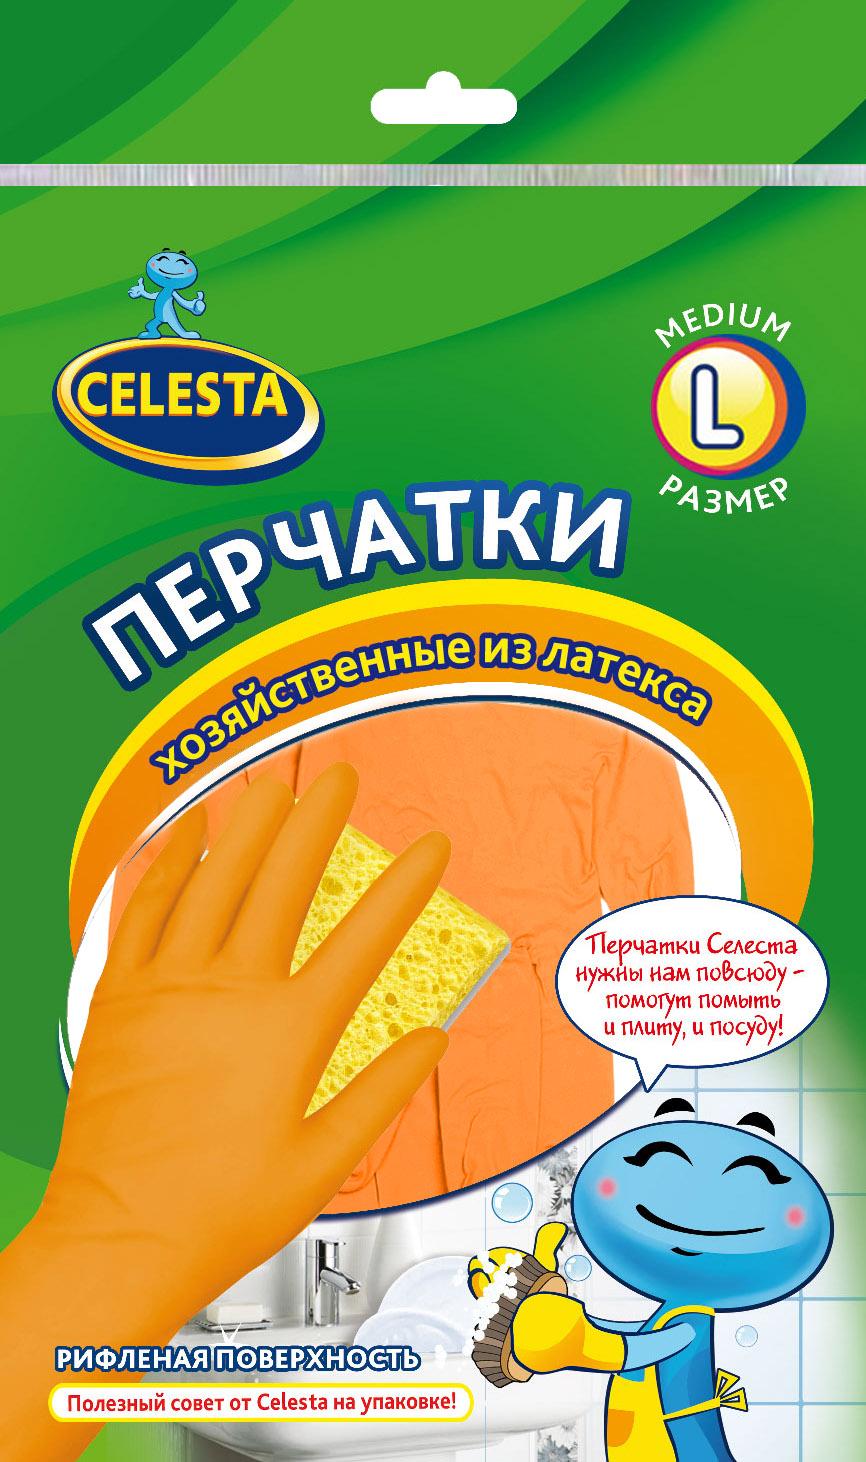 Перчатки хозяйственные Celesta, цвет: оранжевый. Размер L4193Универсальные перчатки Celesta, произведены из высококачественного латекса, рифленая поверхность позволяет удерживать мокрые предметы. Перчатки подходят для различных видов домашних работ. Перчатки эластичны, хорошо облегают руку.